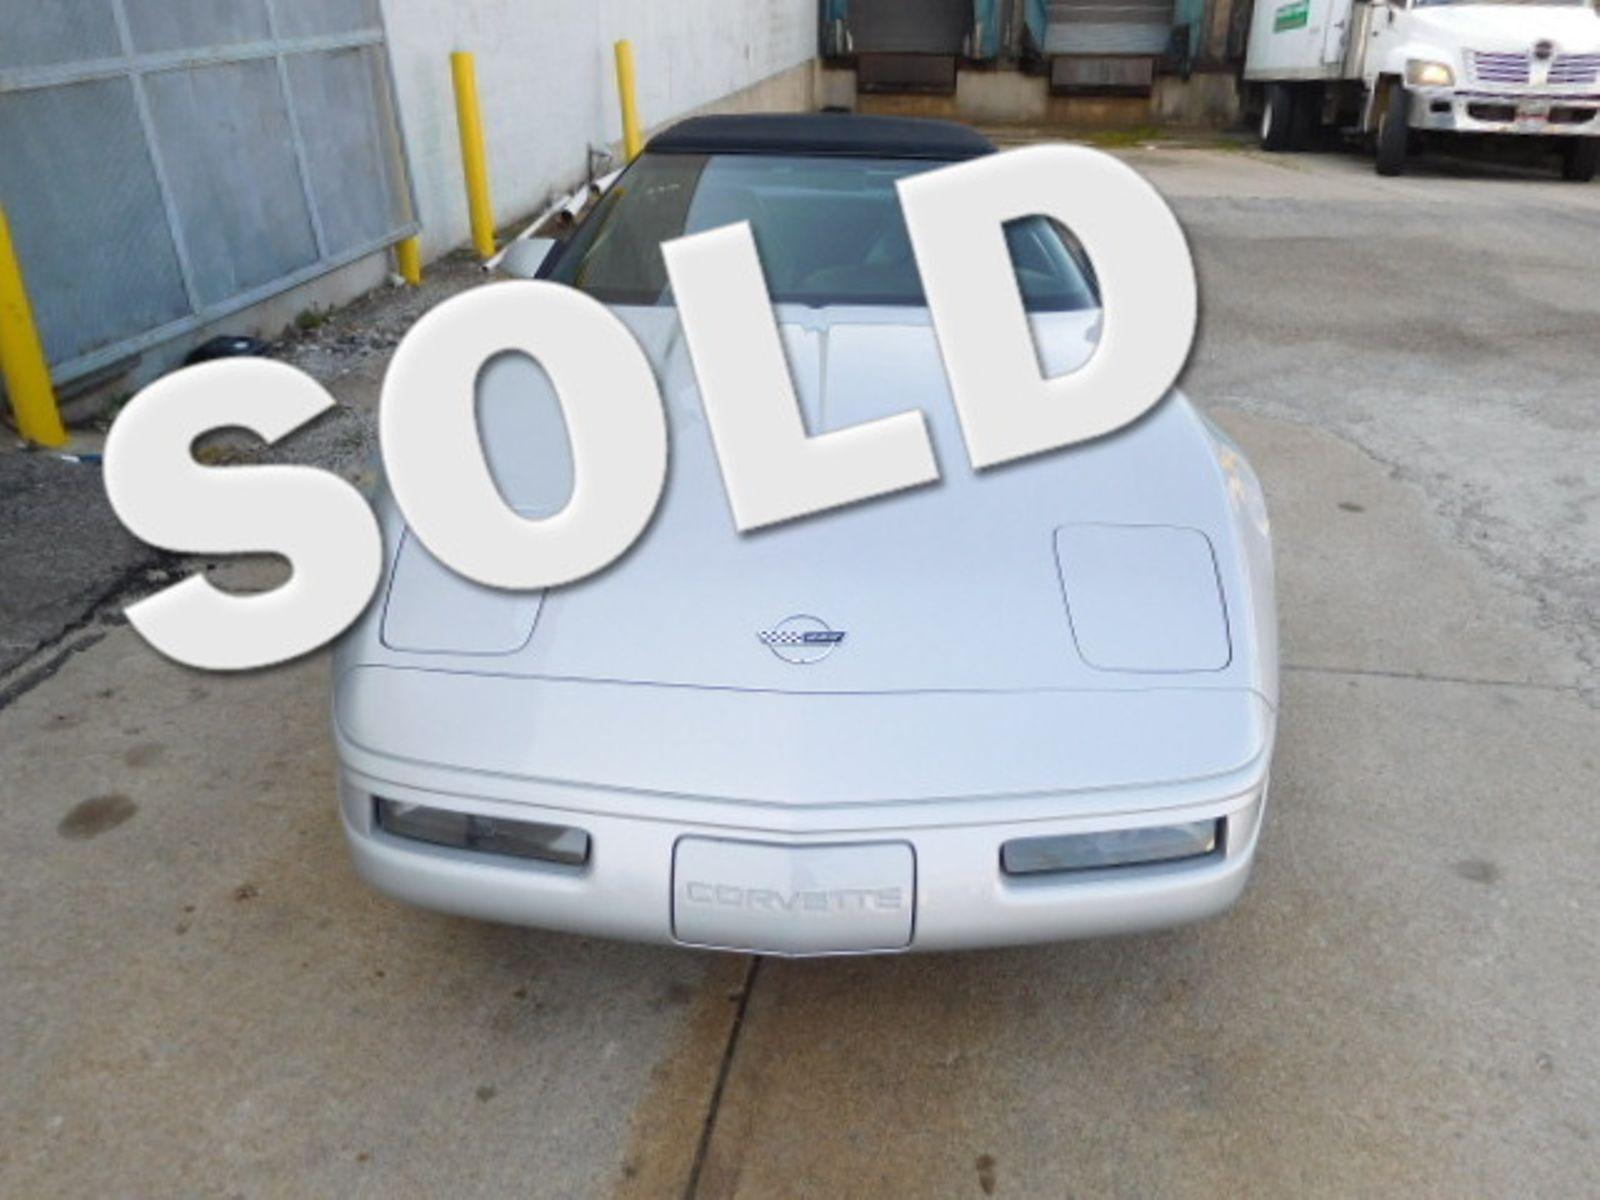 1996 Chevrolet Corvette COLLECTOR EDITION city Ohio Arena Motor